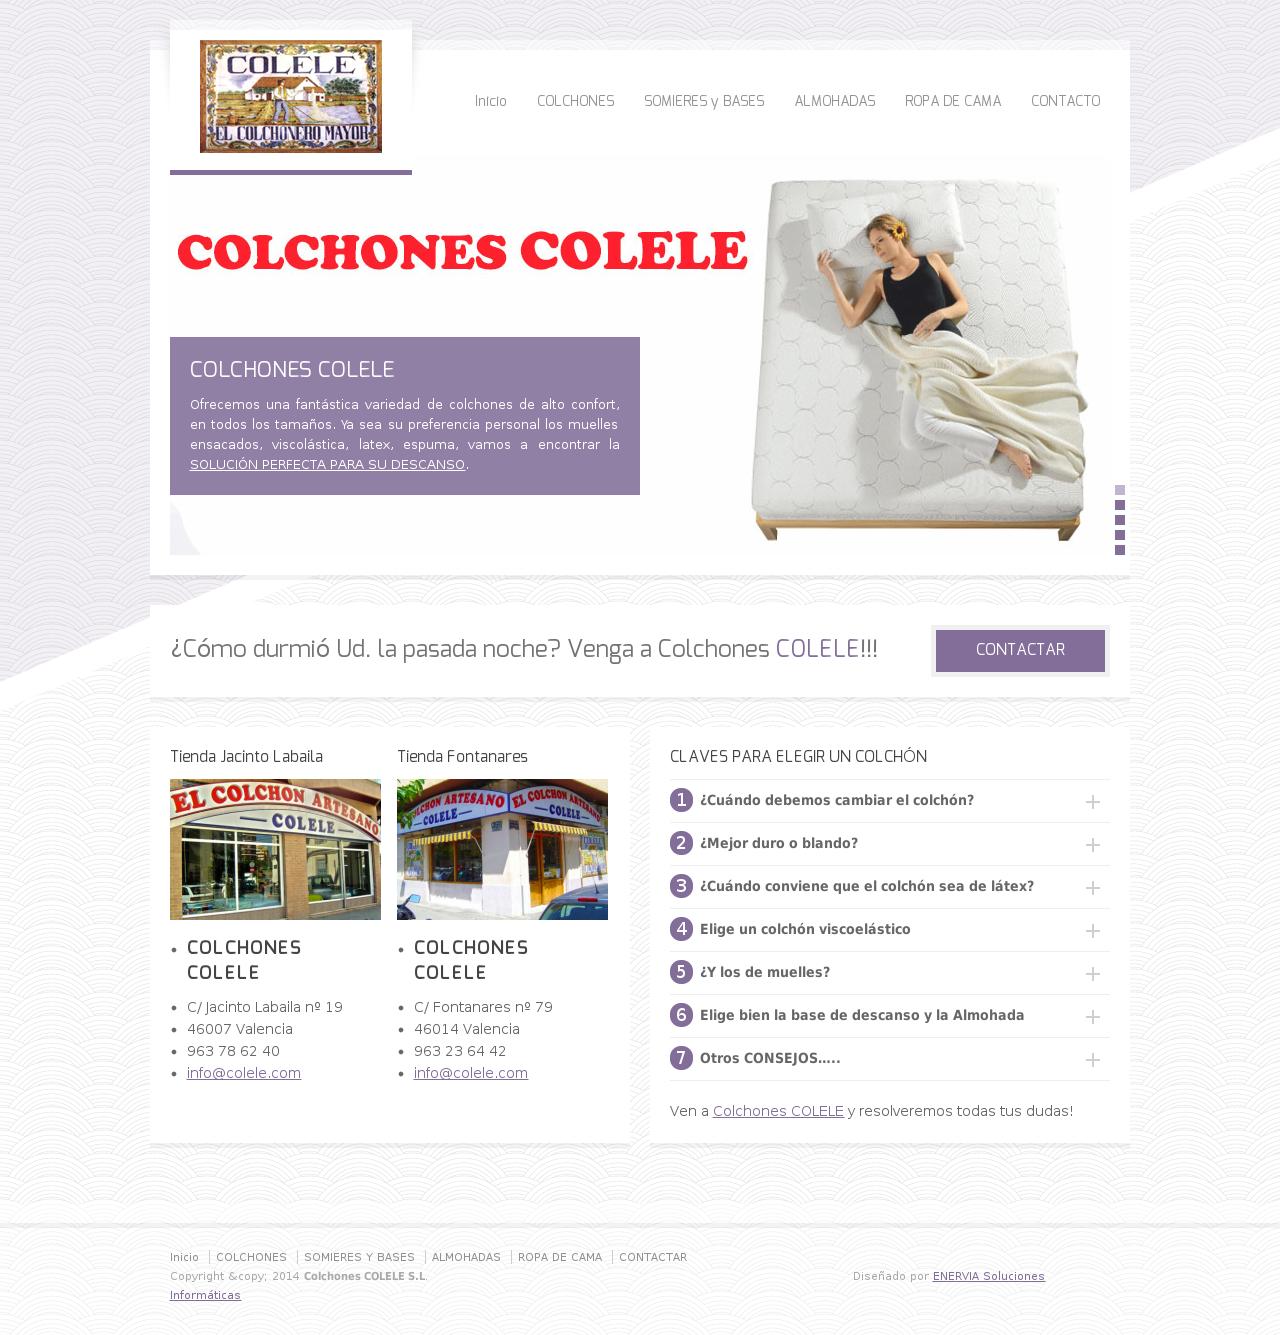 colele.com-20150910-6a92663b103a5510c778520c26a71b91